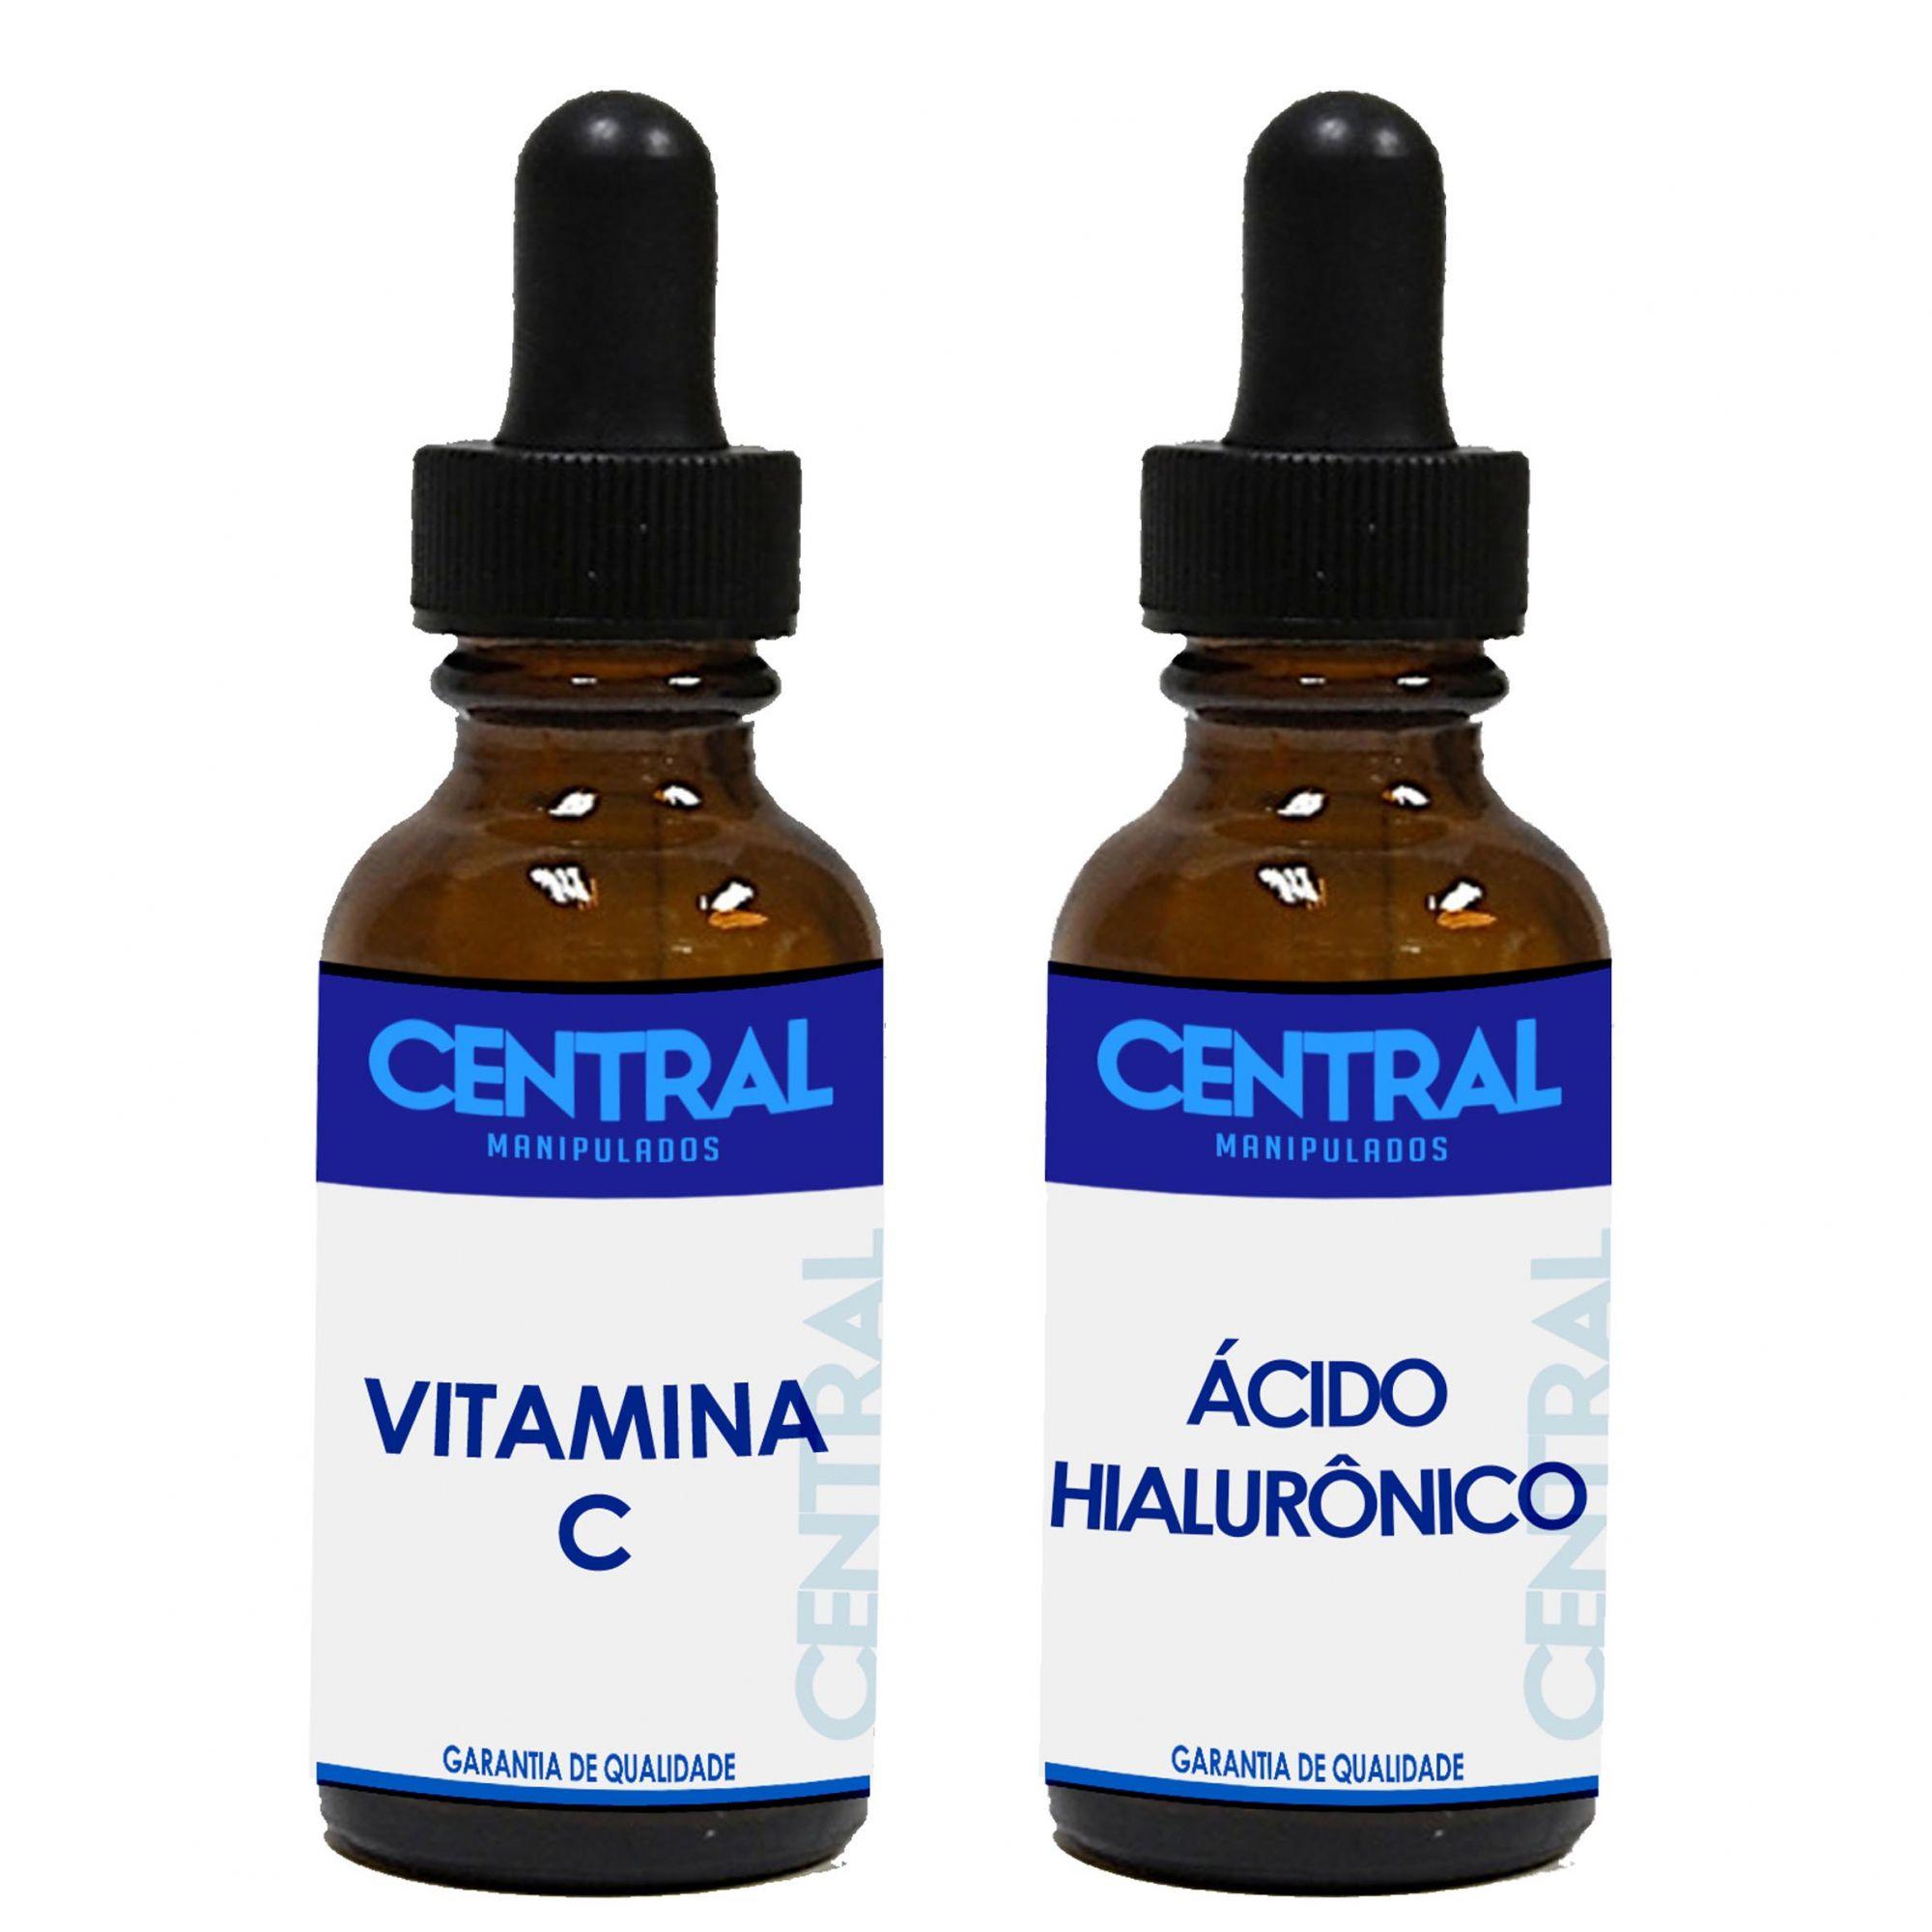 KIT Sérum Ác. Hialurônico +  Sérum Vitamina C puro